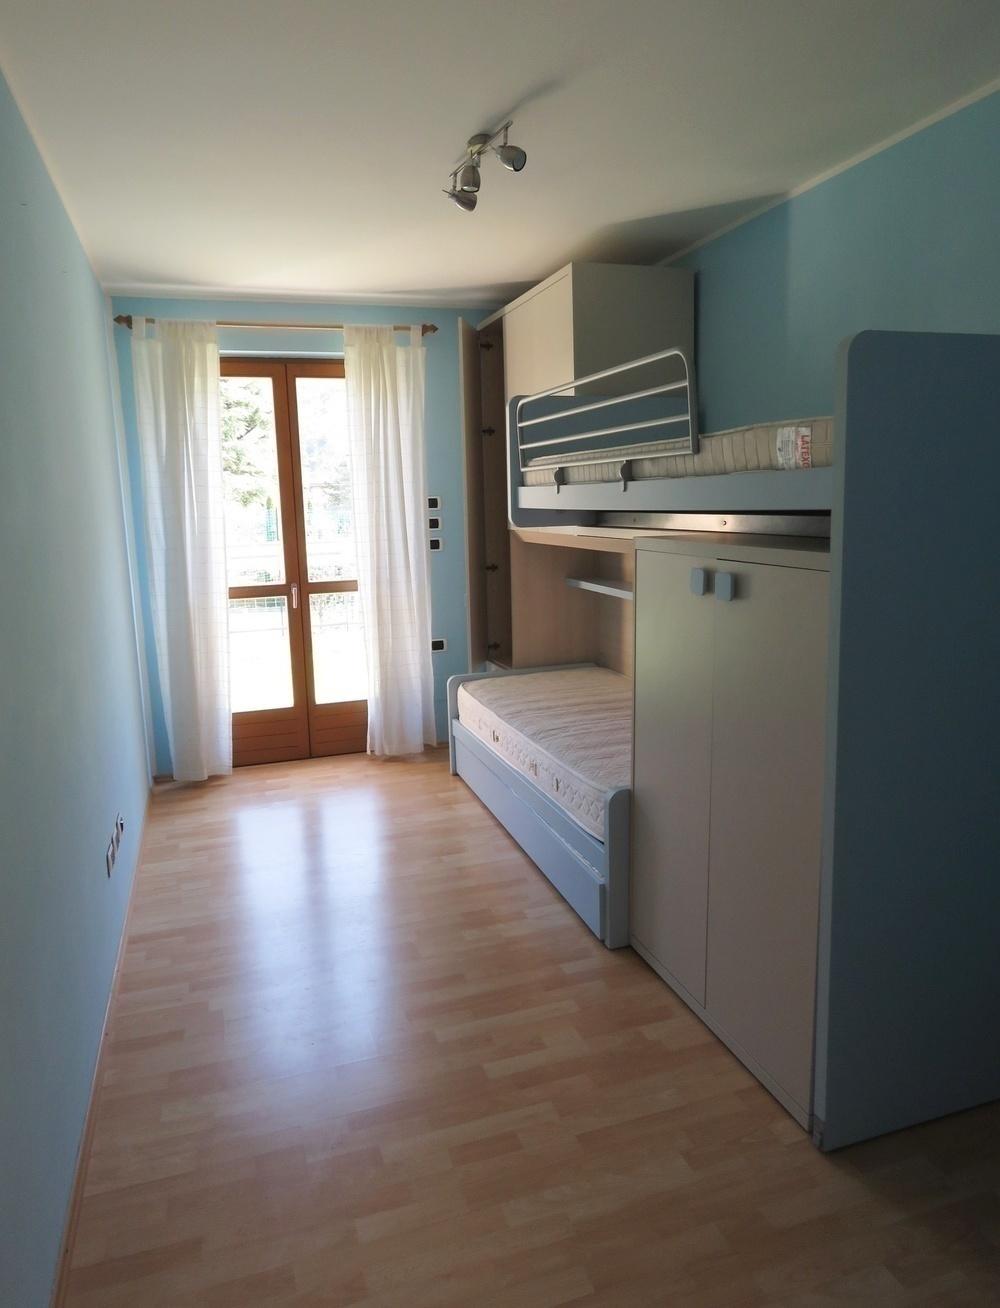 4 zimmer wohnung salurn beretsch unterland kaufen immobilien s dtirol. Black Bedroom Furniture Sets. Home Design Ideas